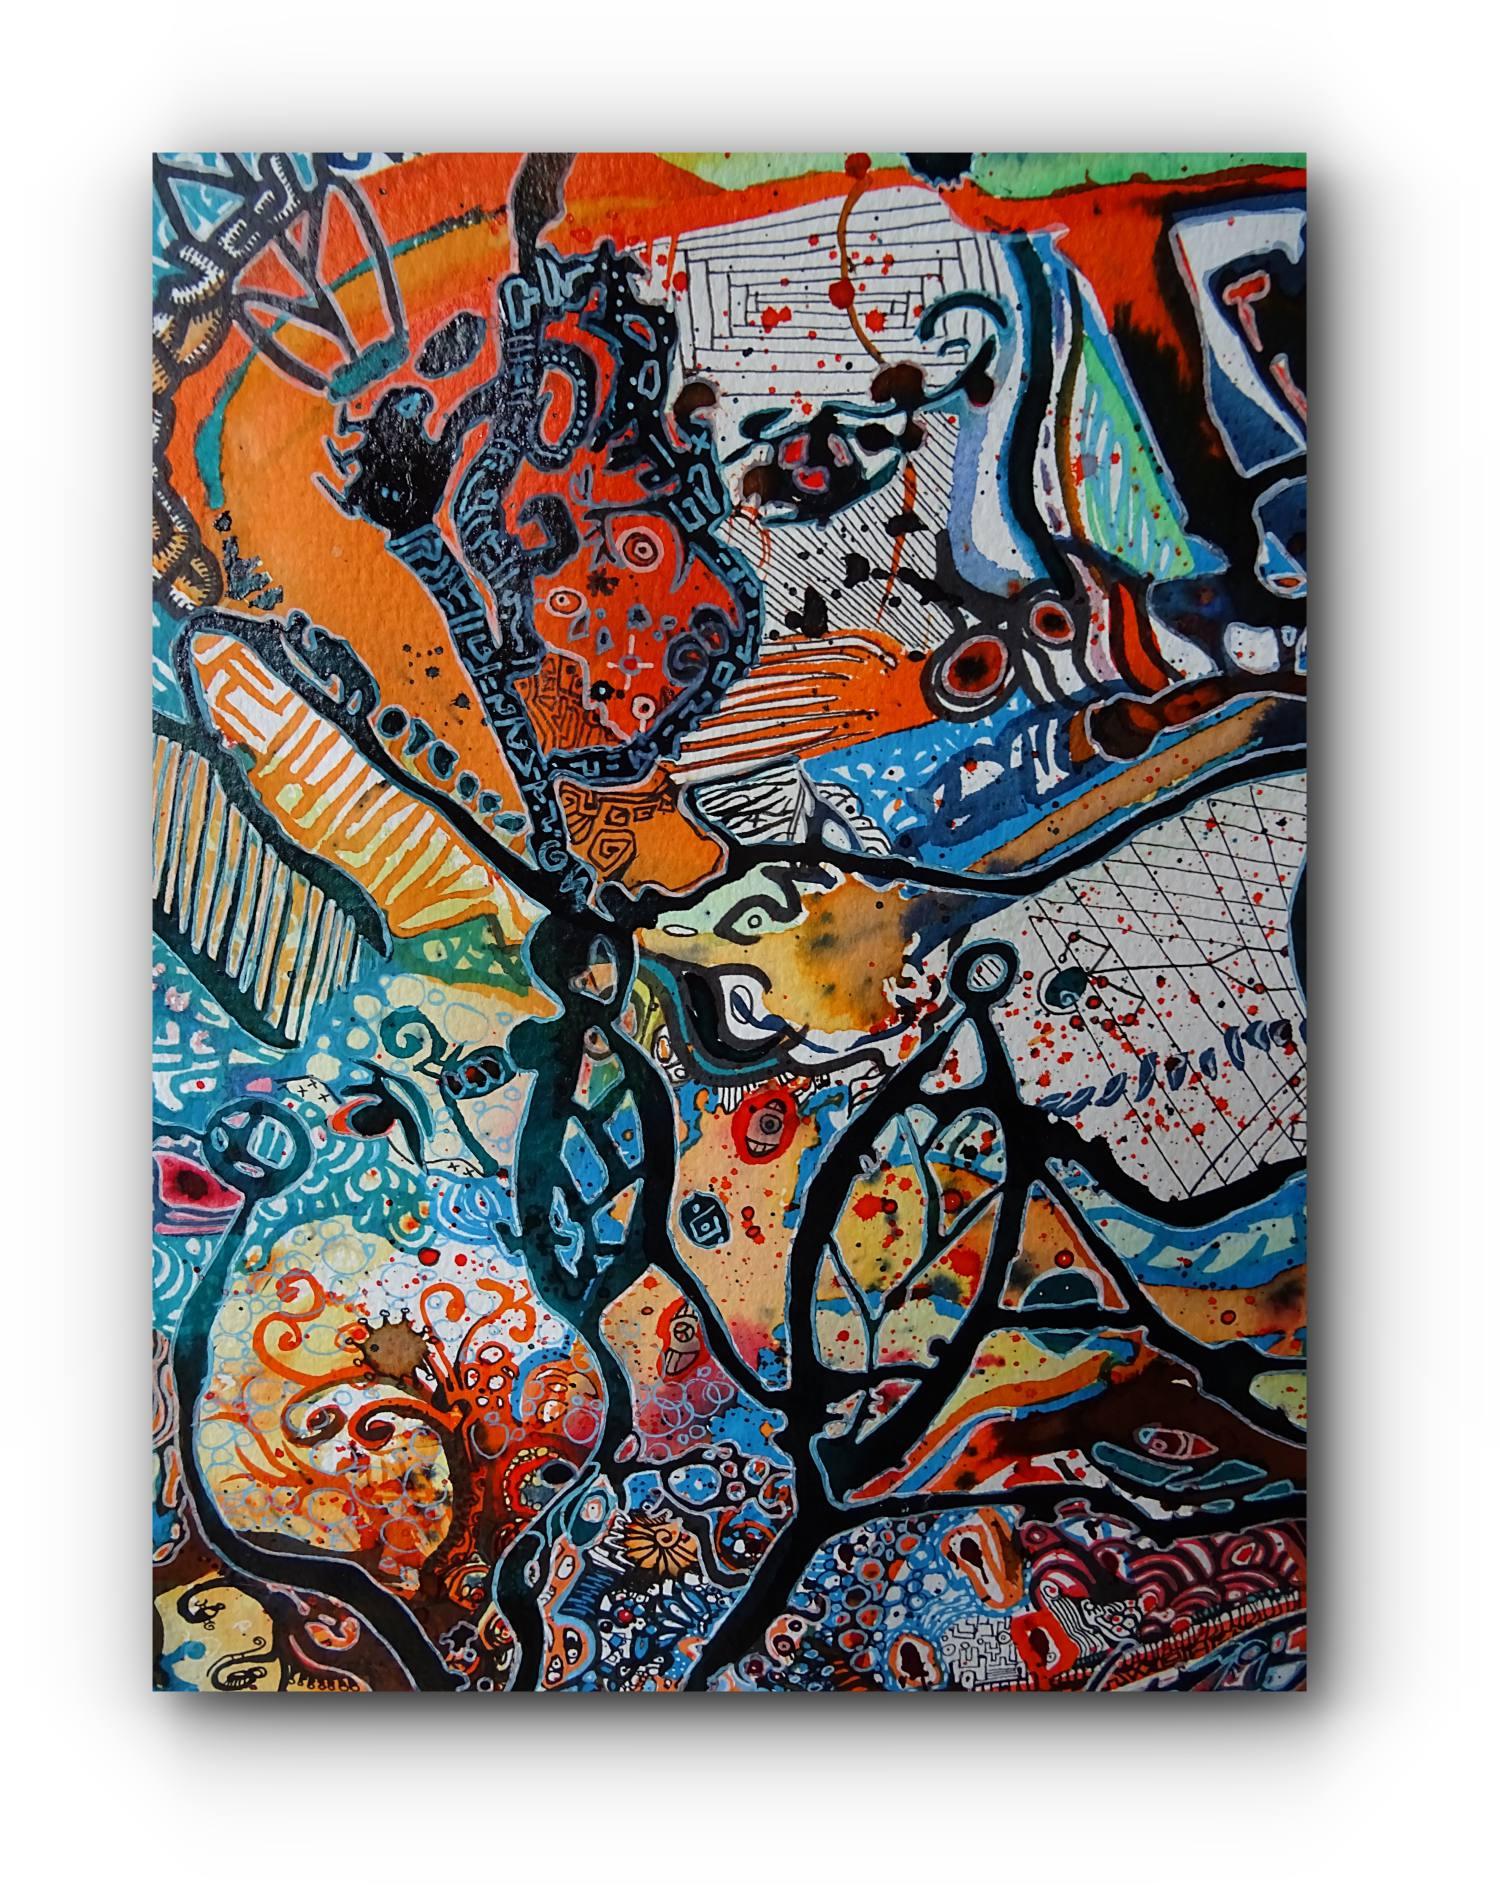 painting-detail-2-riverworld-artist-duo-ingress-vortices.jpg